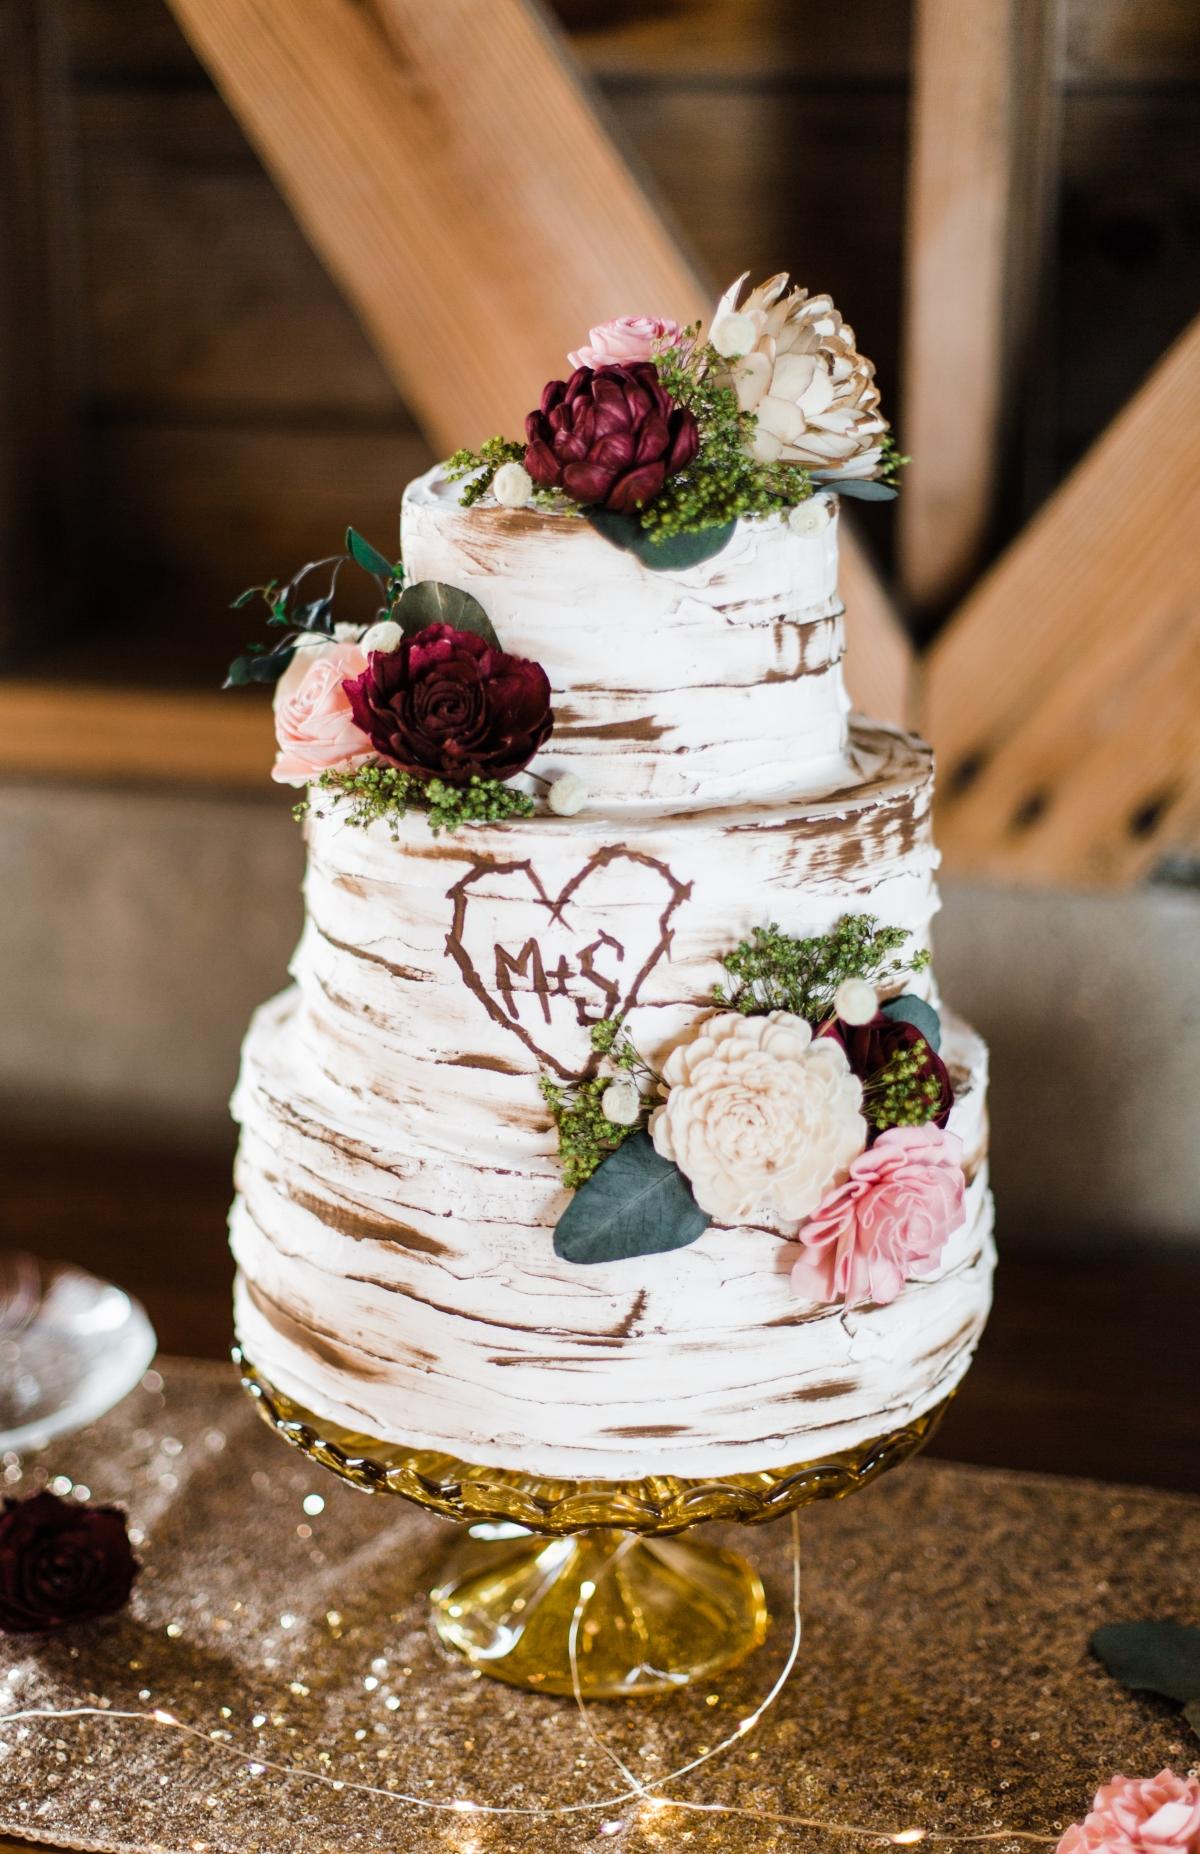 Wedding Cake with Wood Theme